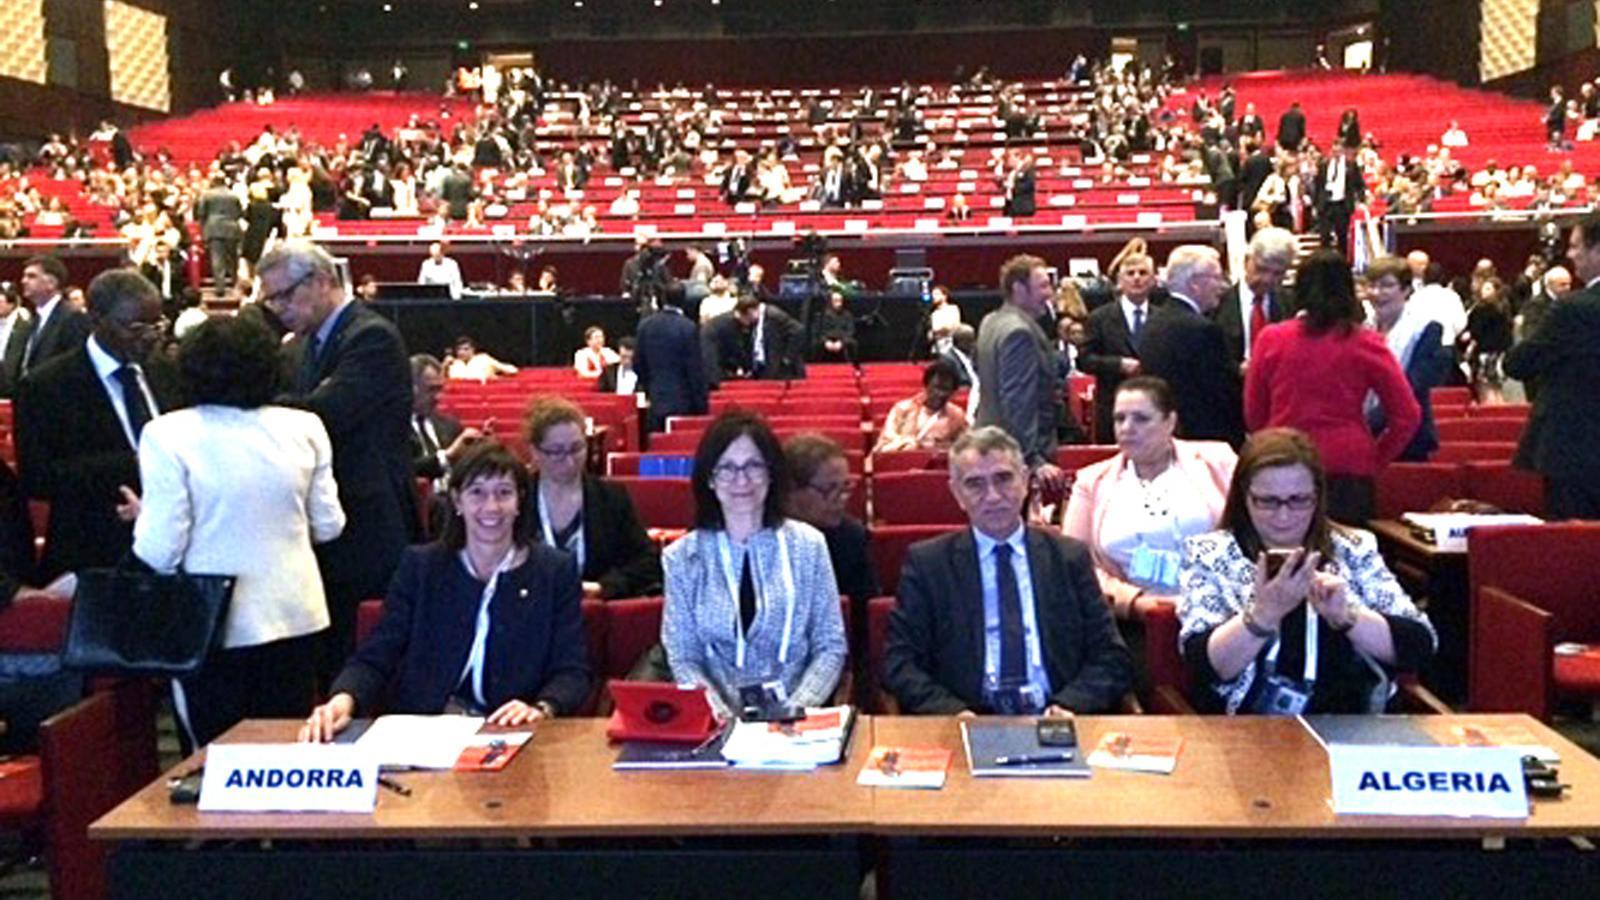 La secretària d'Estat de Justícia i Interior, Eva Descarrega, i l'ambaixadora d'Andorra a les Nacions Unides, Elisenda Vives